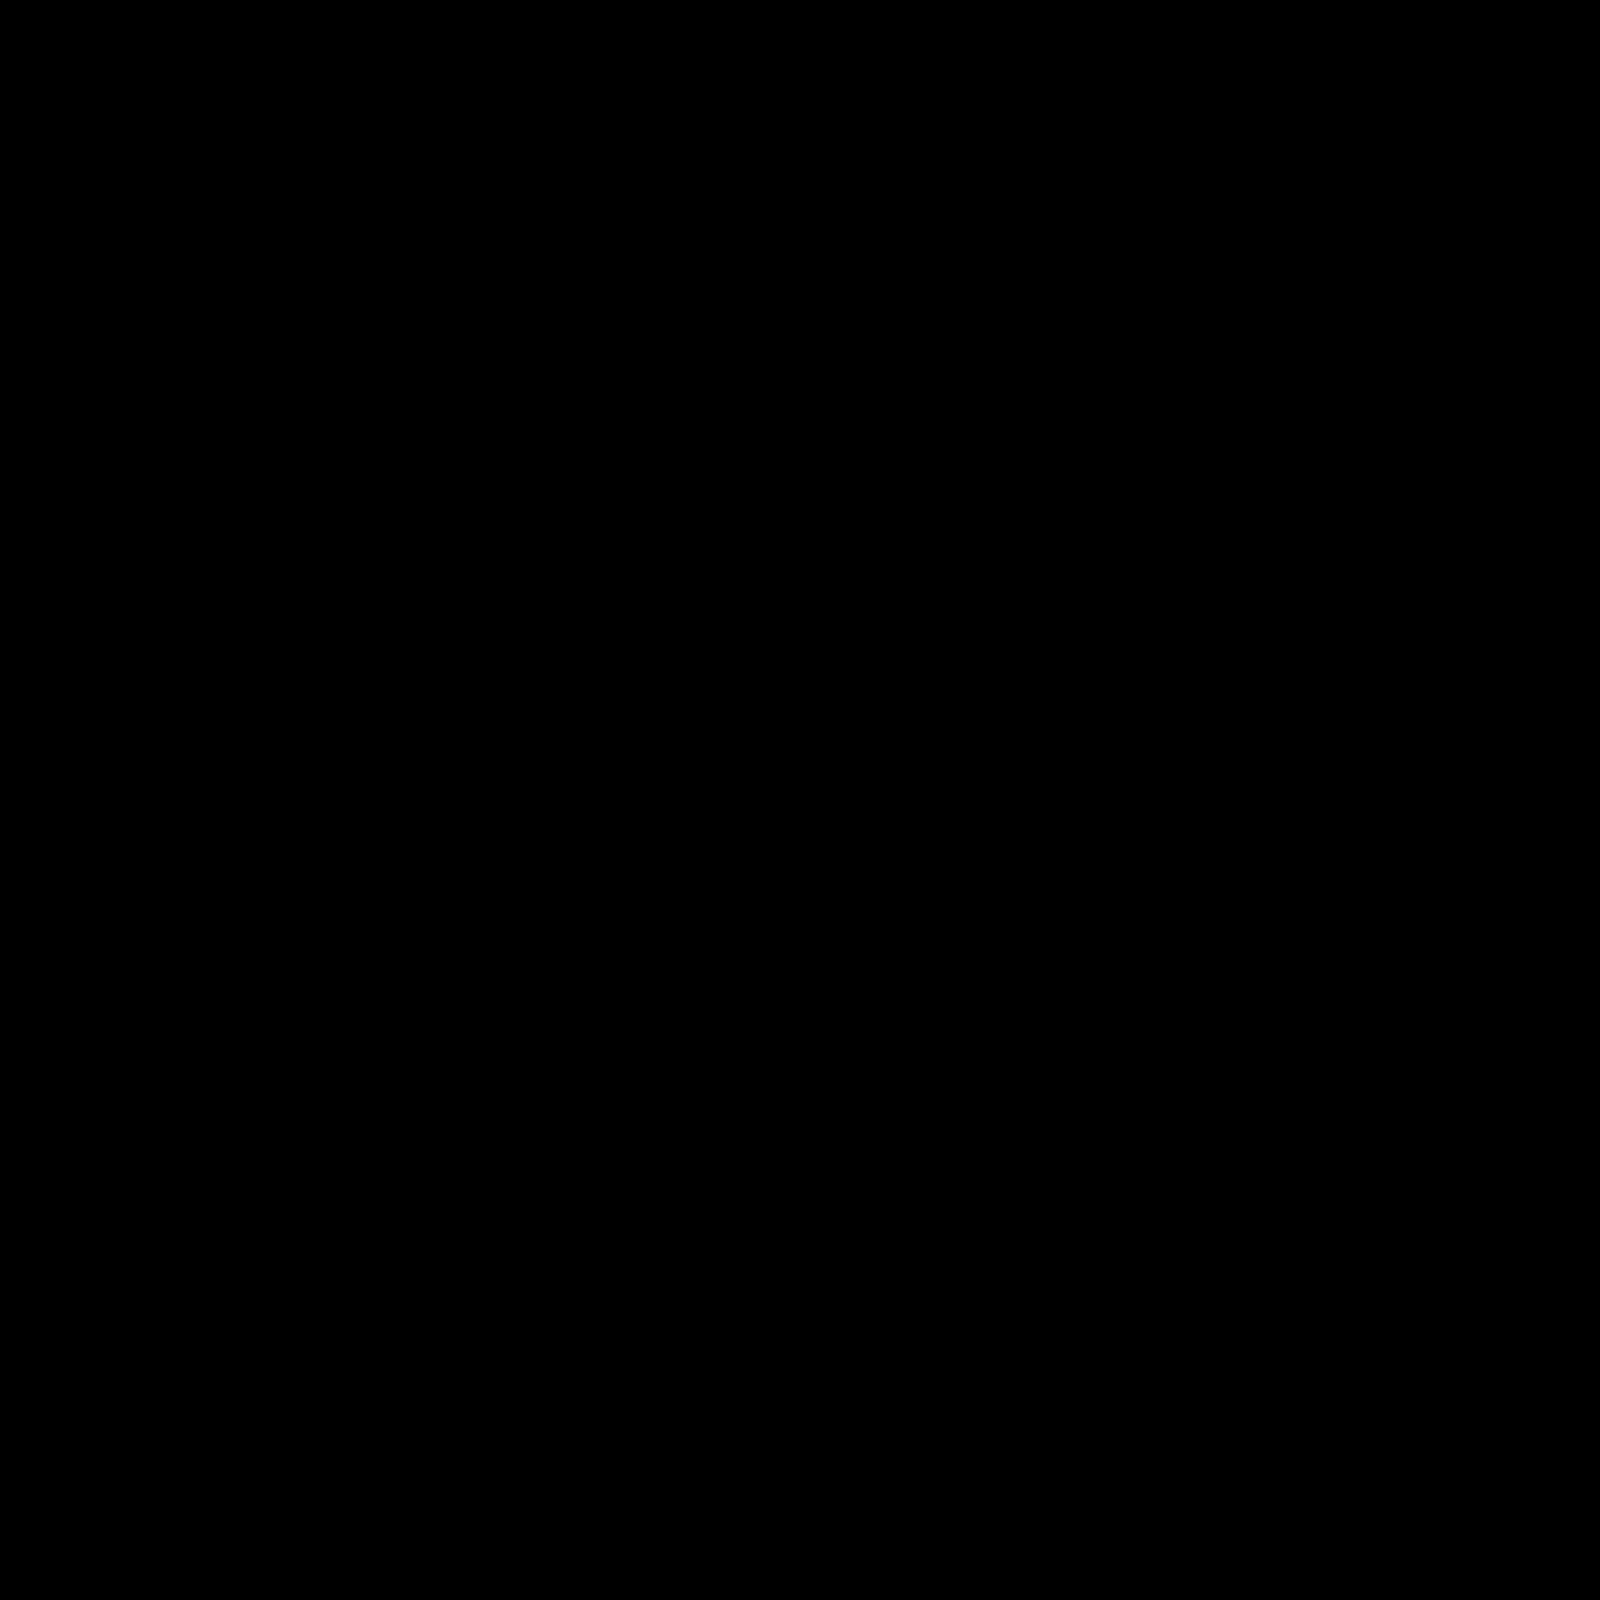 Genie icon